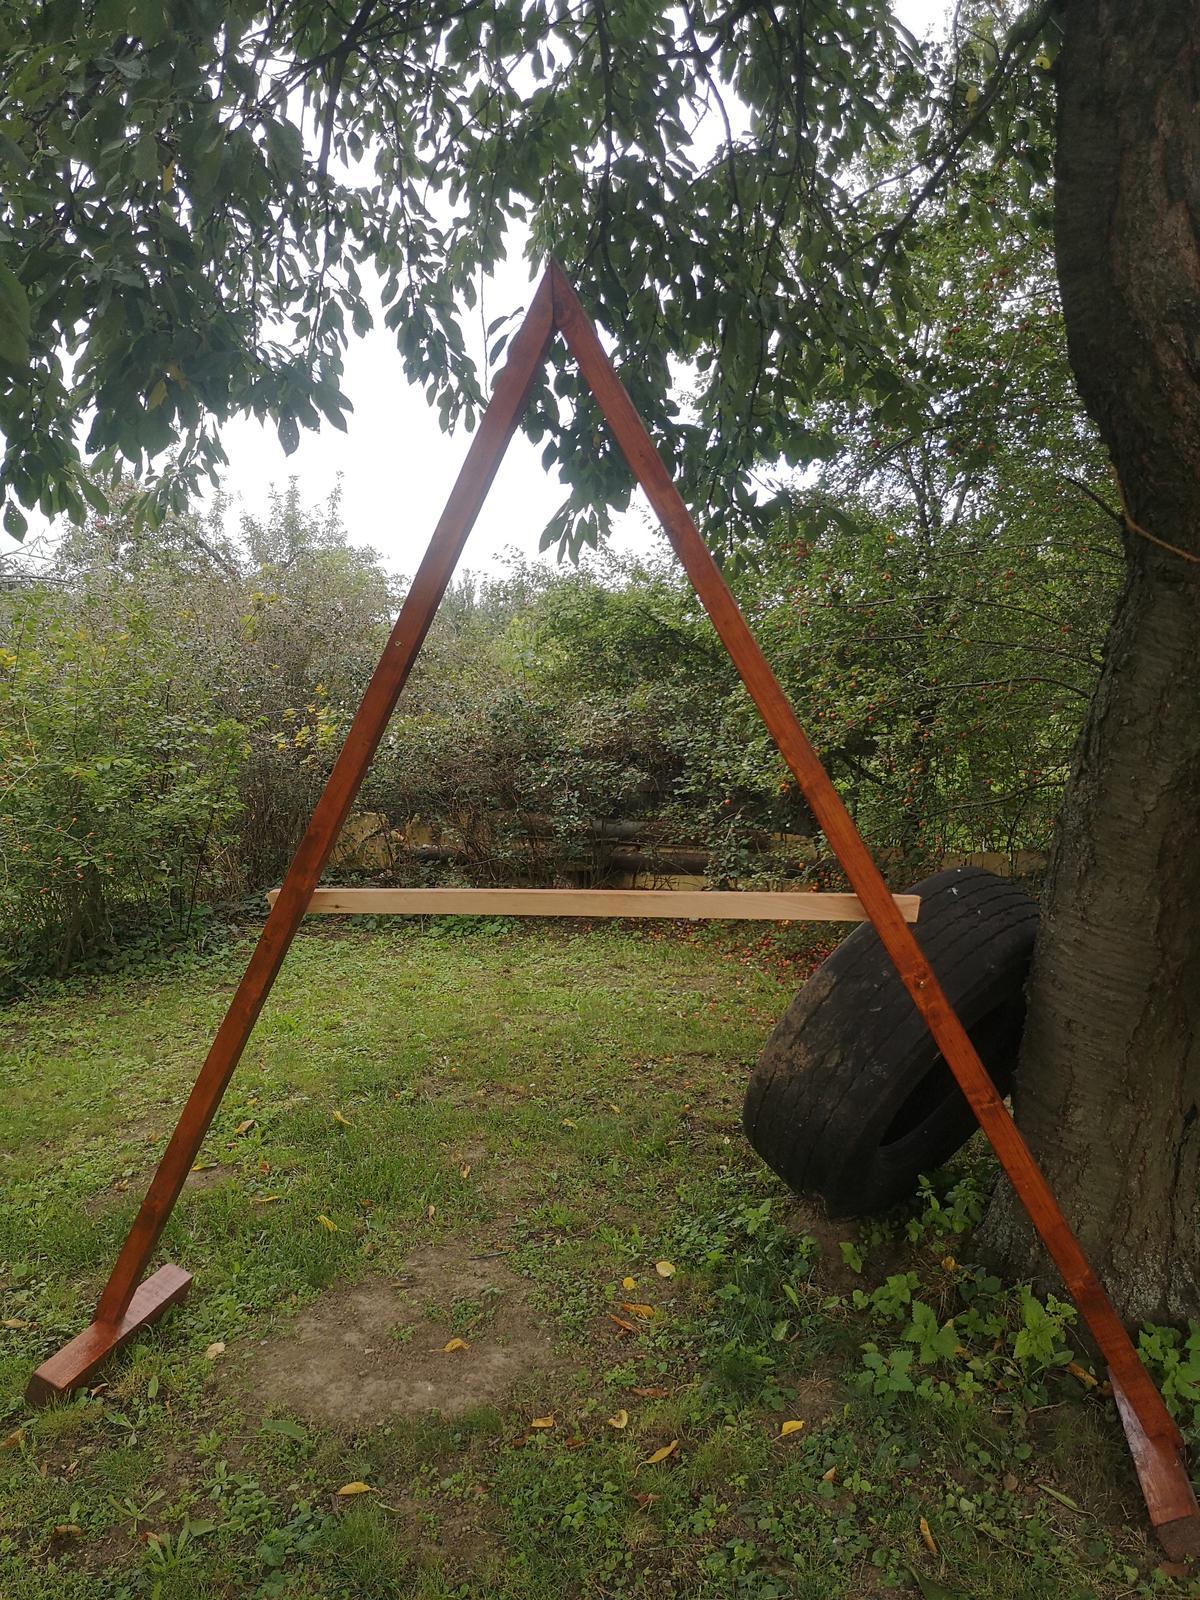 Dřevěná slavobrána, triangl - Obrázek č. 3